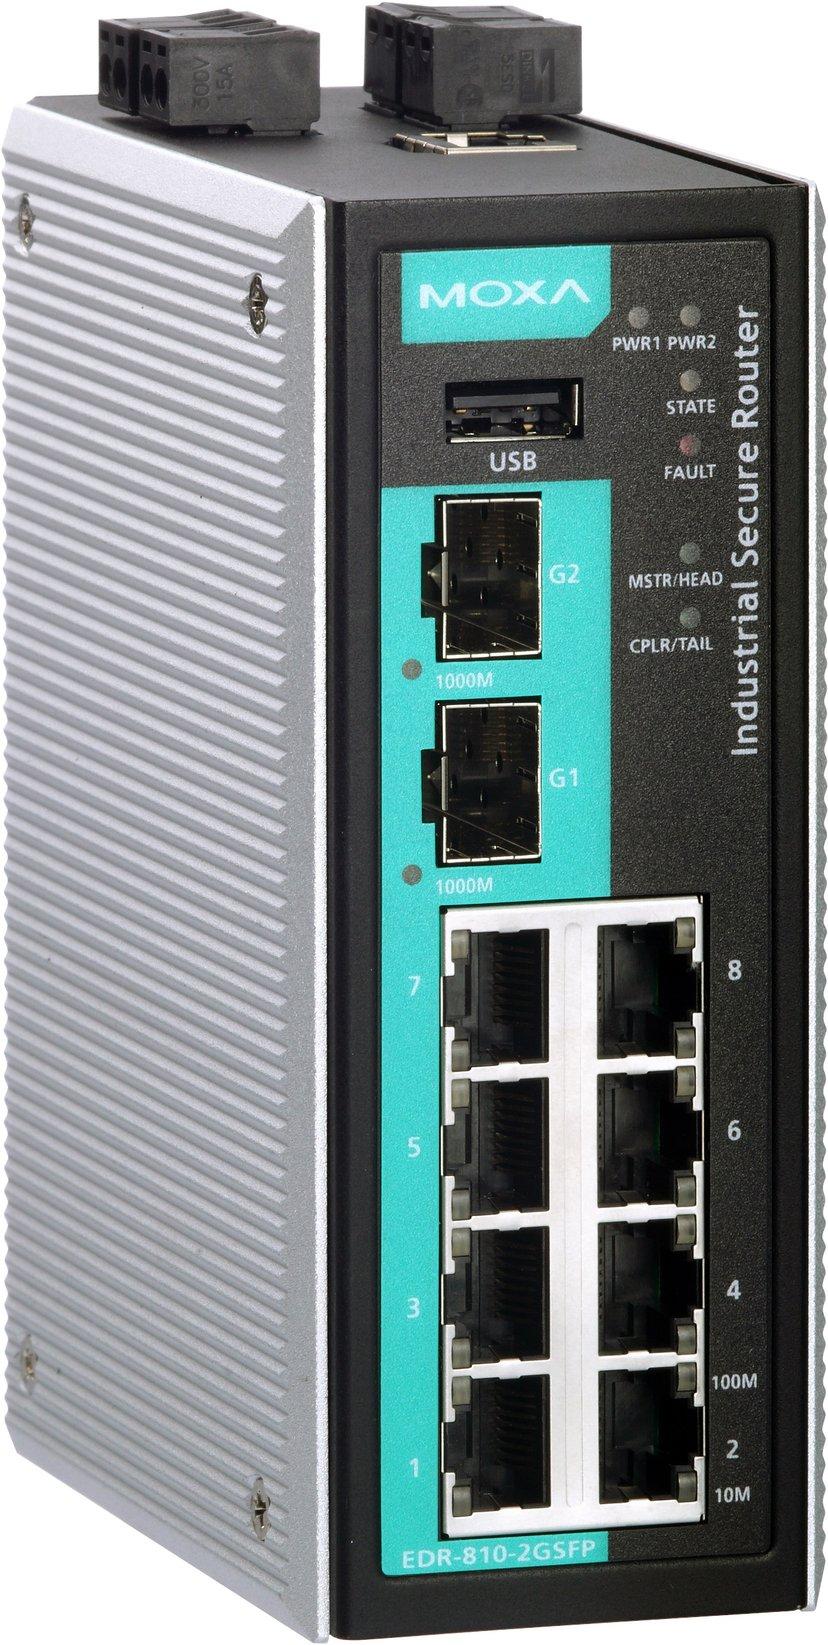 Moxa EDR-810-2GSFP Industriell brandvägg